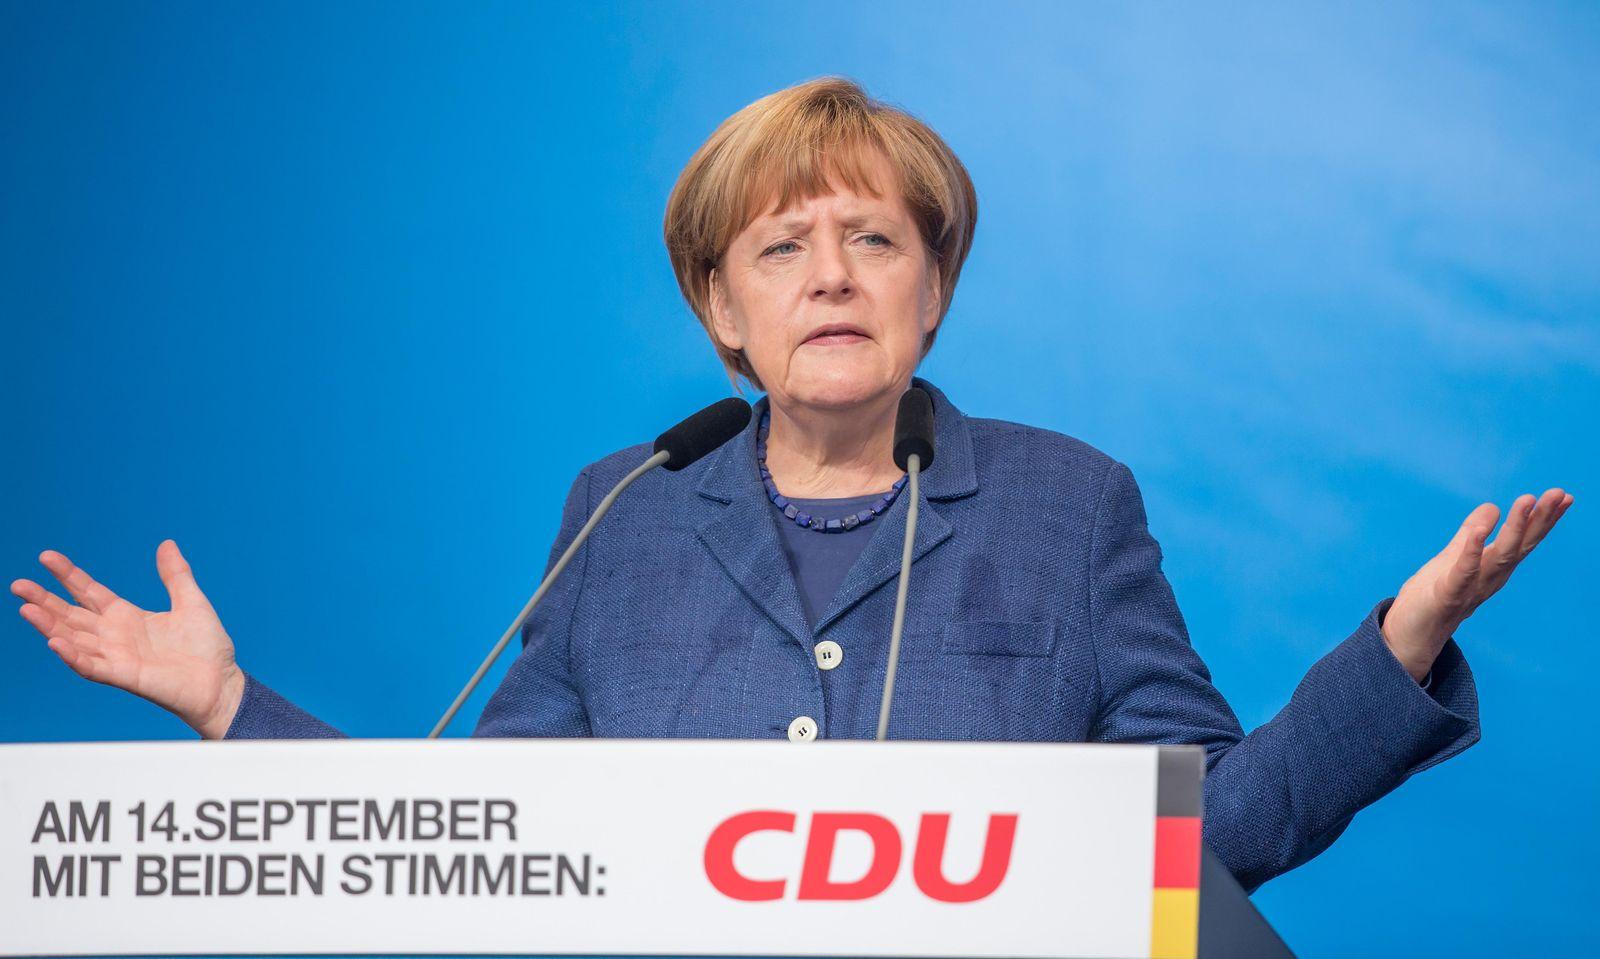 CDU - Wahlkampf in Thüringen merkel